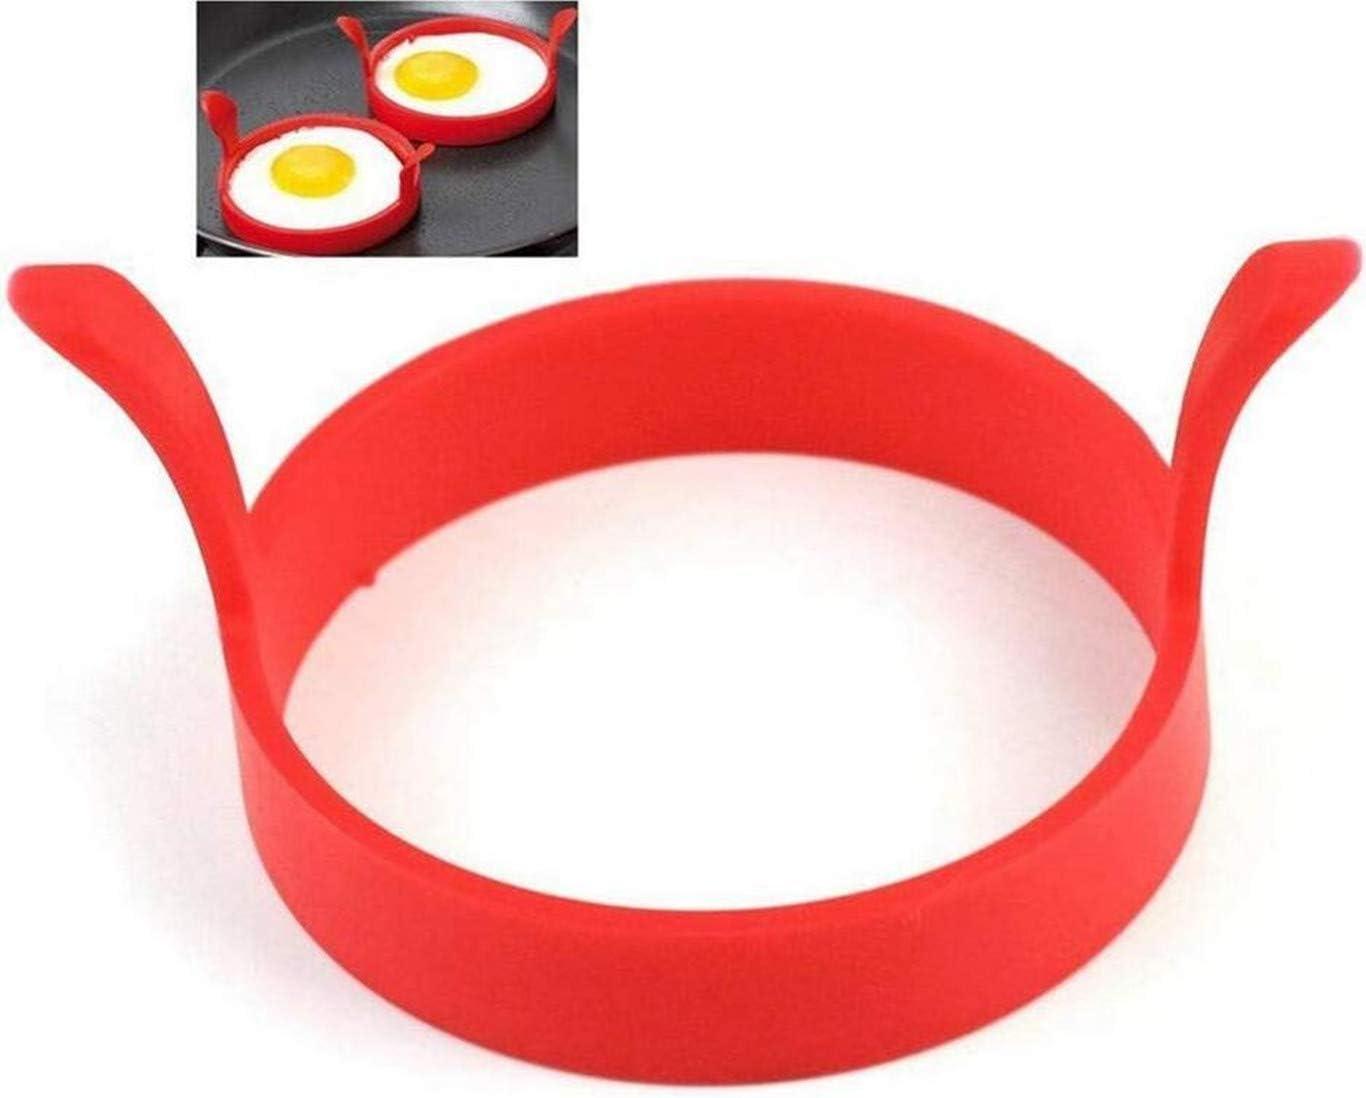 4 Piezas Silicona Huevo Anillos Antiadherente Molde De Huevo Frito Molde De Panqueques Anillos De Cocci/ón De Huevo Cazador de Huevos Color Rondam por SamGreatWorld